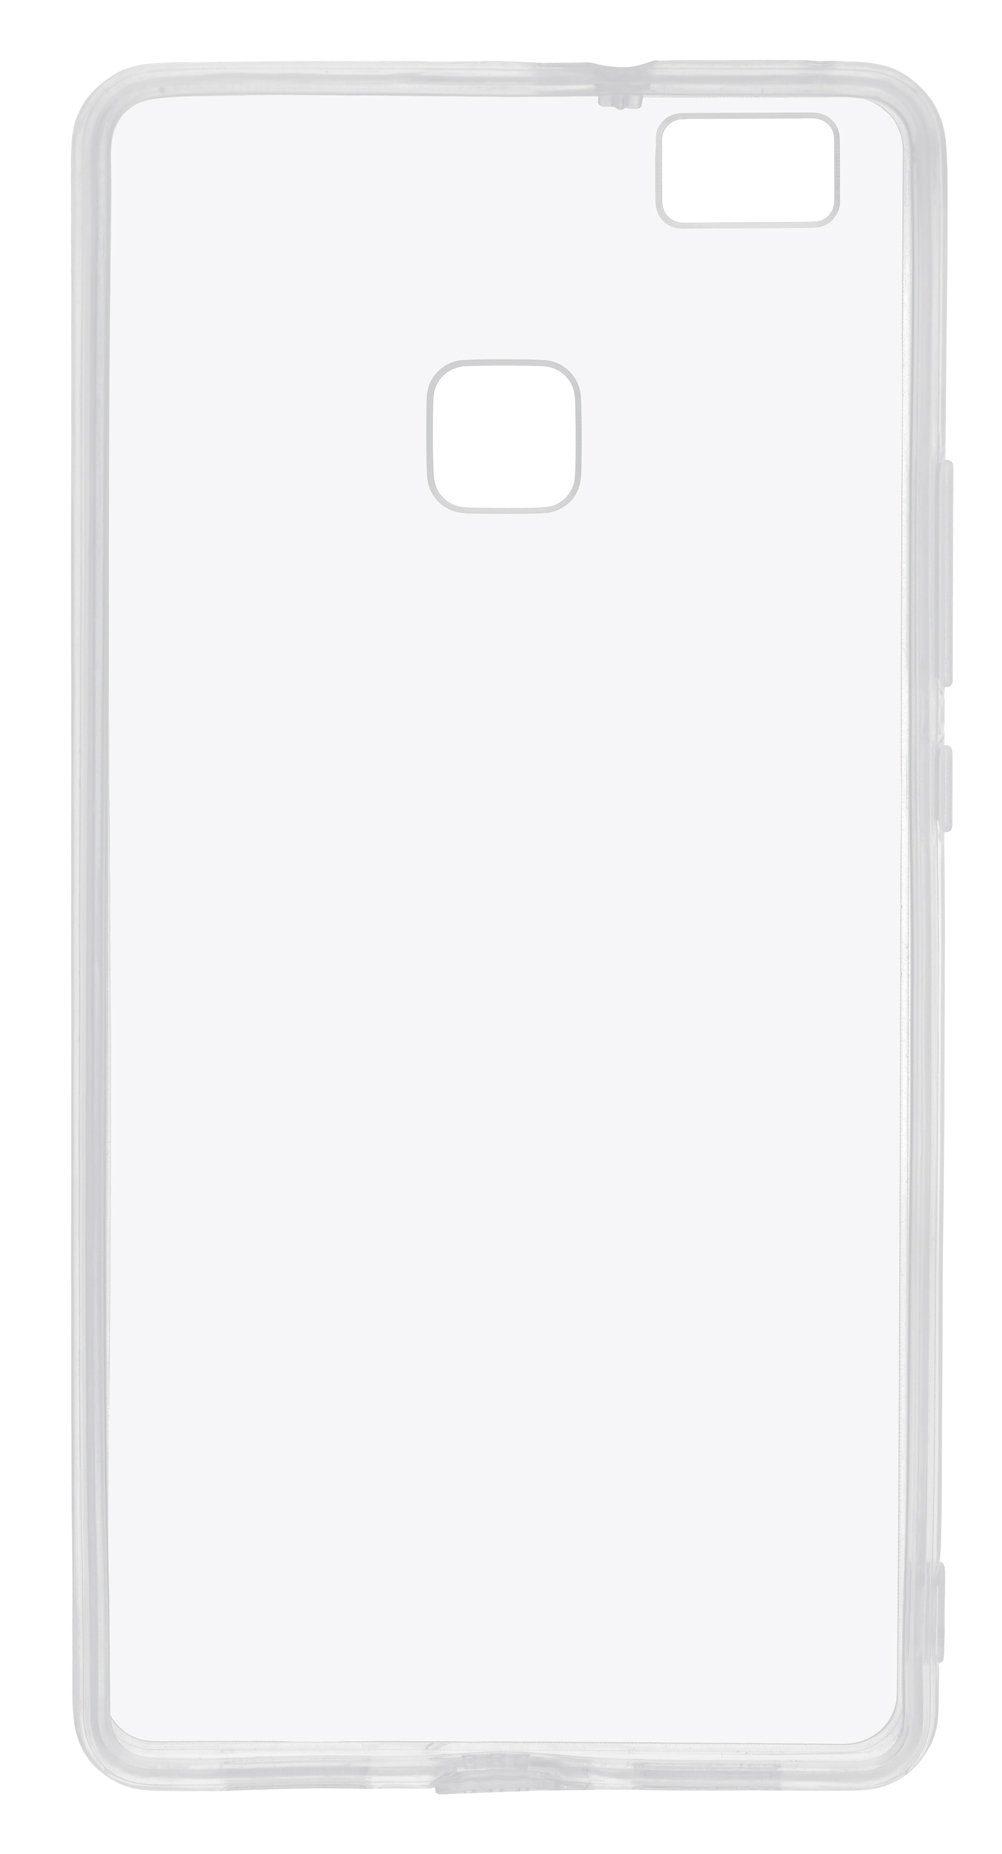 Scutes Deluxe GSM - Zubehör »Schutzhülle - Huawei P9 lite«